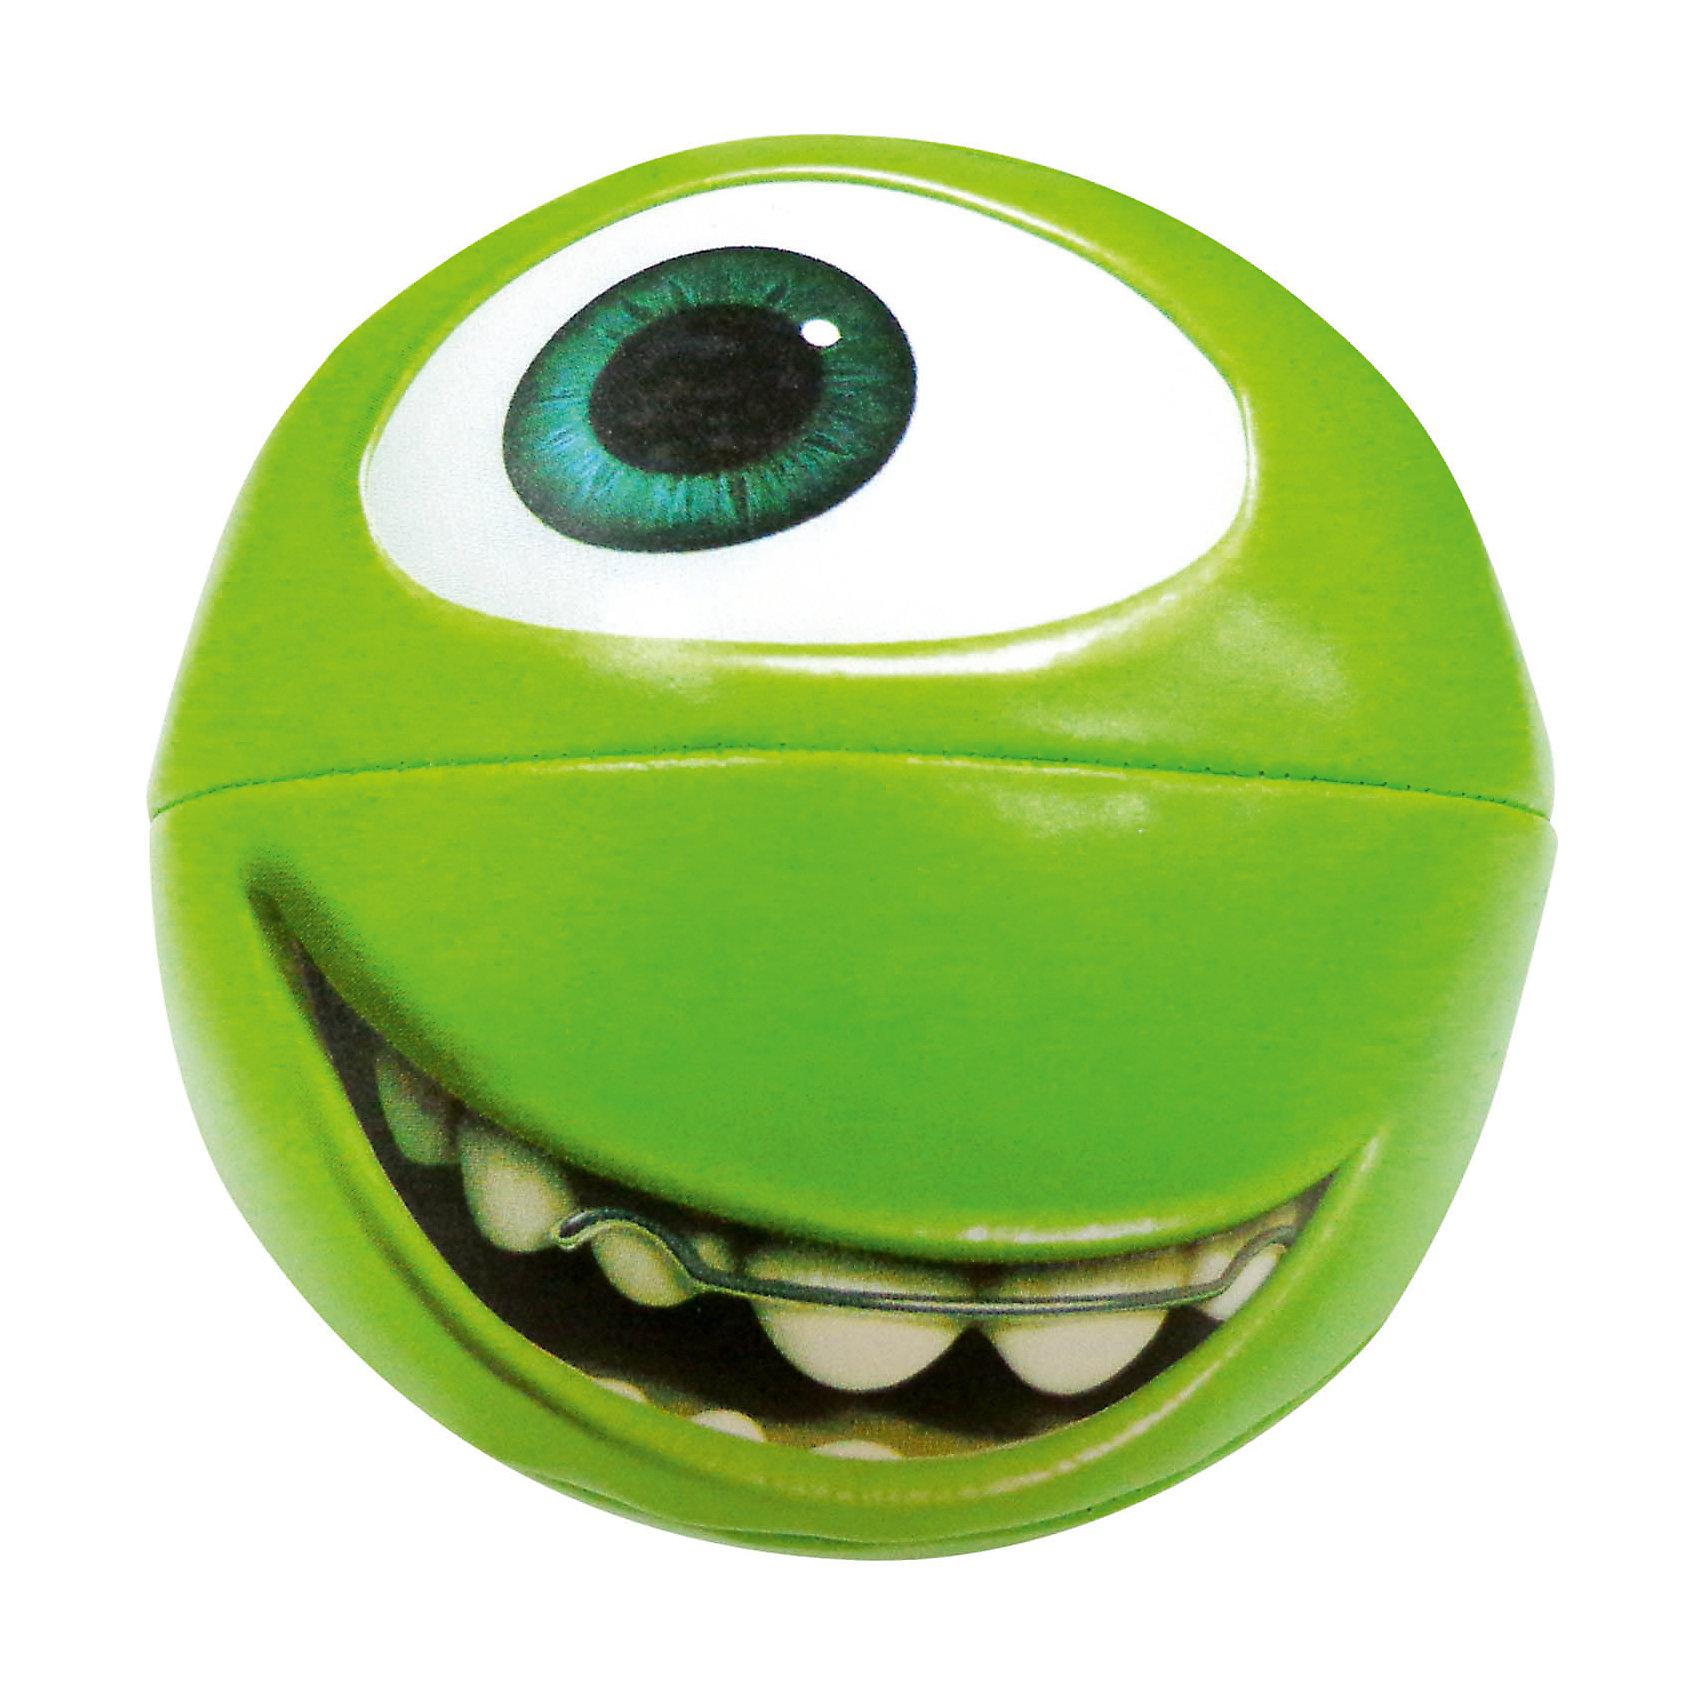 Мяч мягкий Университет Монстров, 100 мм, JOHNМяч мягкий Университет Монстров, 100 мм от знаменитого бренда JOHN (Джон). Яркий и веселый небольшой мяч из качественного полеуретана с мягким наполнителем сделает игру малыша еще интереснее! Мяч безопасен, так как он не тяжелый, и с ним можно придумать много игр, от «Семейки» до простой переброски. Кроме того, мяч выглядит как герой Университета Монстров Майк Вазовски и придется по вкусу фанатам мультфильма. Эта игрушка поможет развить координацию движений и станет незаменимым компаньоном на природе. <br>- Дополнительная информация:<br>- Материал: поливинилхлорид<br>- Размер 10 * 10 * 10 см.<br><br>Мяч мягкий Университет Монстров, 100 мм, John можно купить в нашем интернет-магазине.<br><br>Подробнее:<br>• Для детей в возрасте: от 6 месяцев <br>• Номер товара: 4918366<br>Страна производитель: Китай<br><br>Ширина мм: 100<br>Глубина мм: 100<br>Высота мм: 100<br>Вес г: 83<br>Возраст от месяцев: 12<br>Возраст до месяцев: 36<br>Пол: Унисекс<br>Возраст: Детский<br>SKU: 4918366